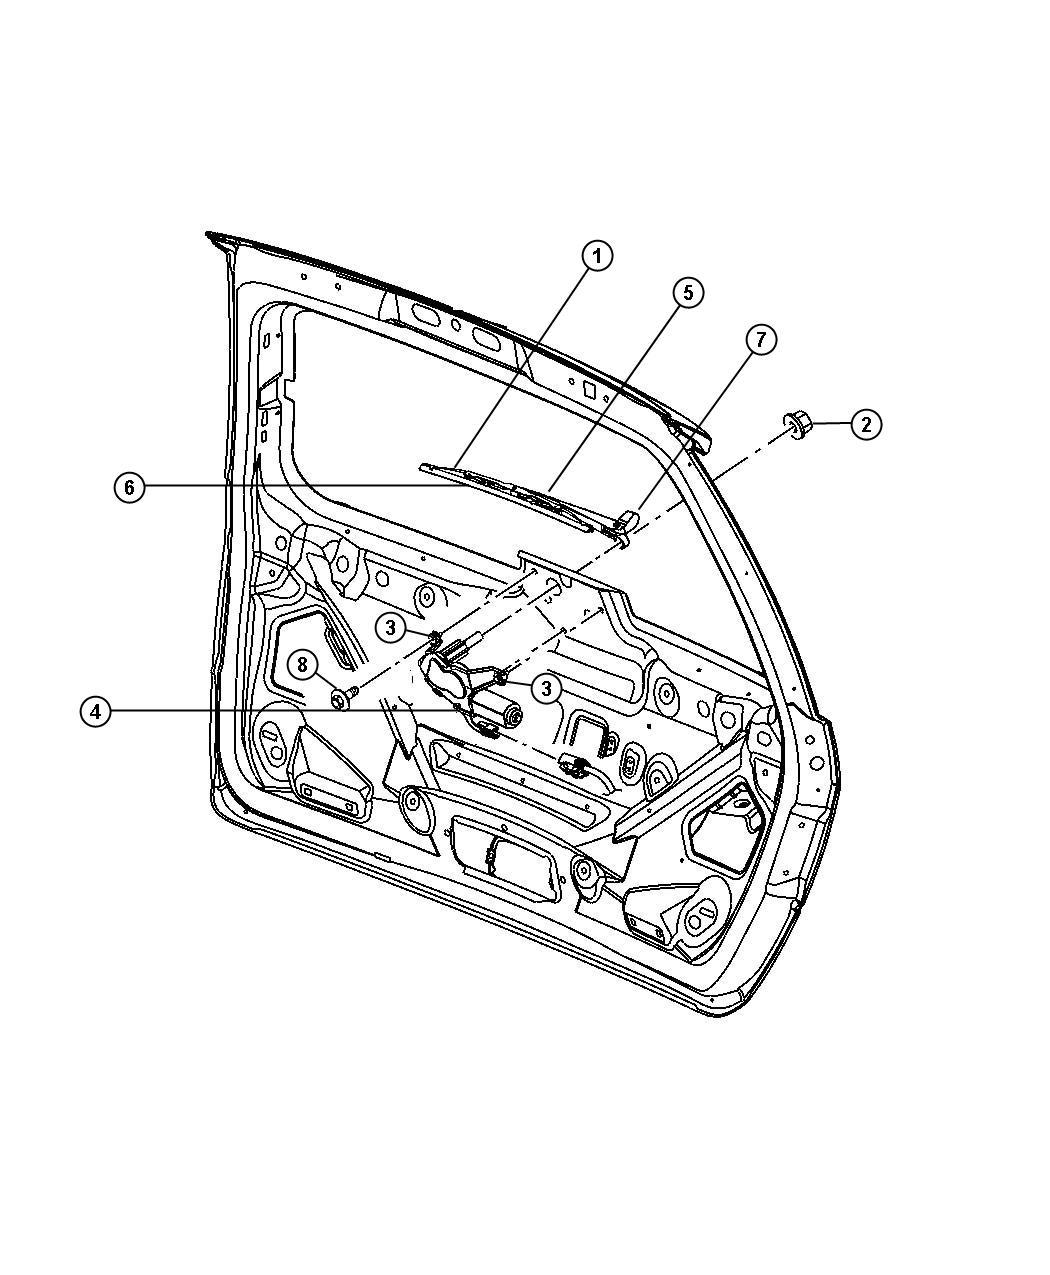 Chrysler Pacifica Grommet. Wiper motor and bracket